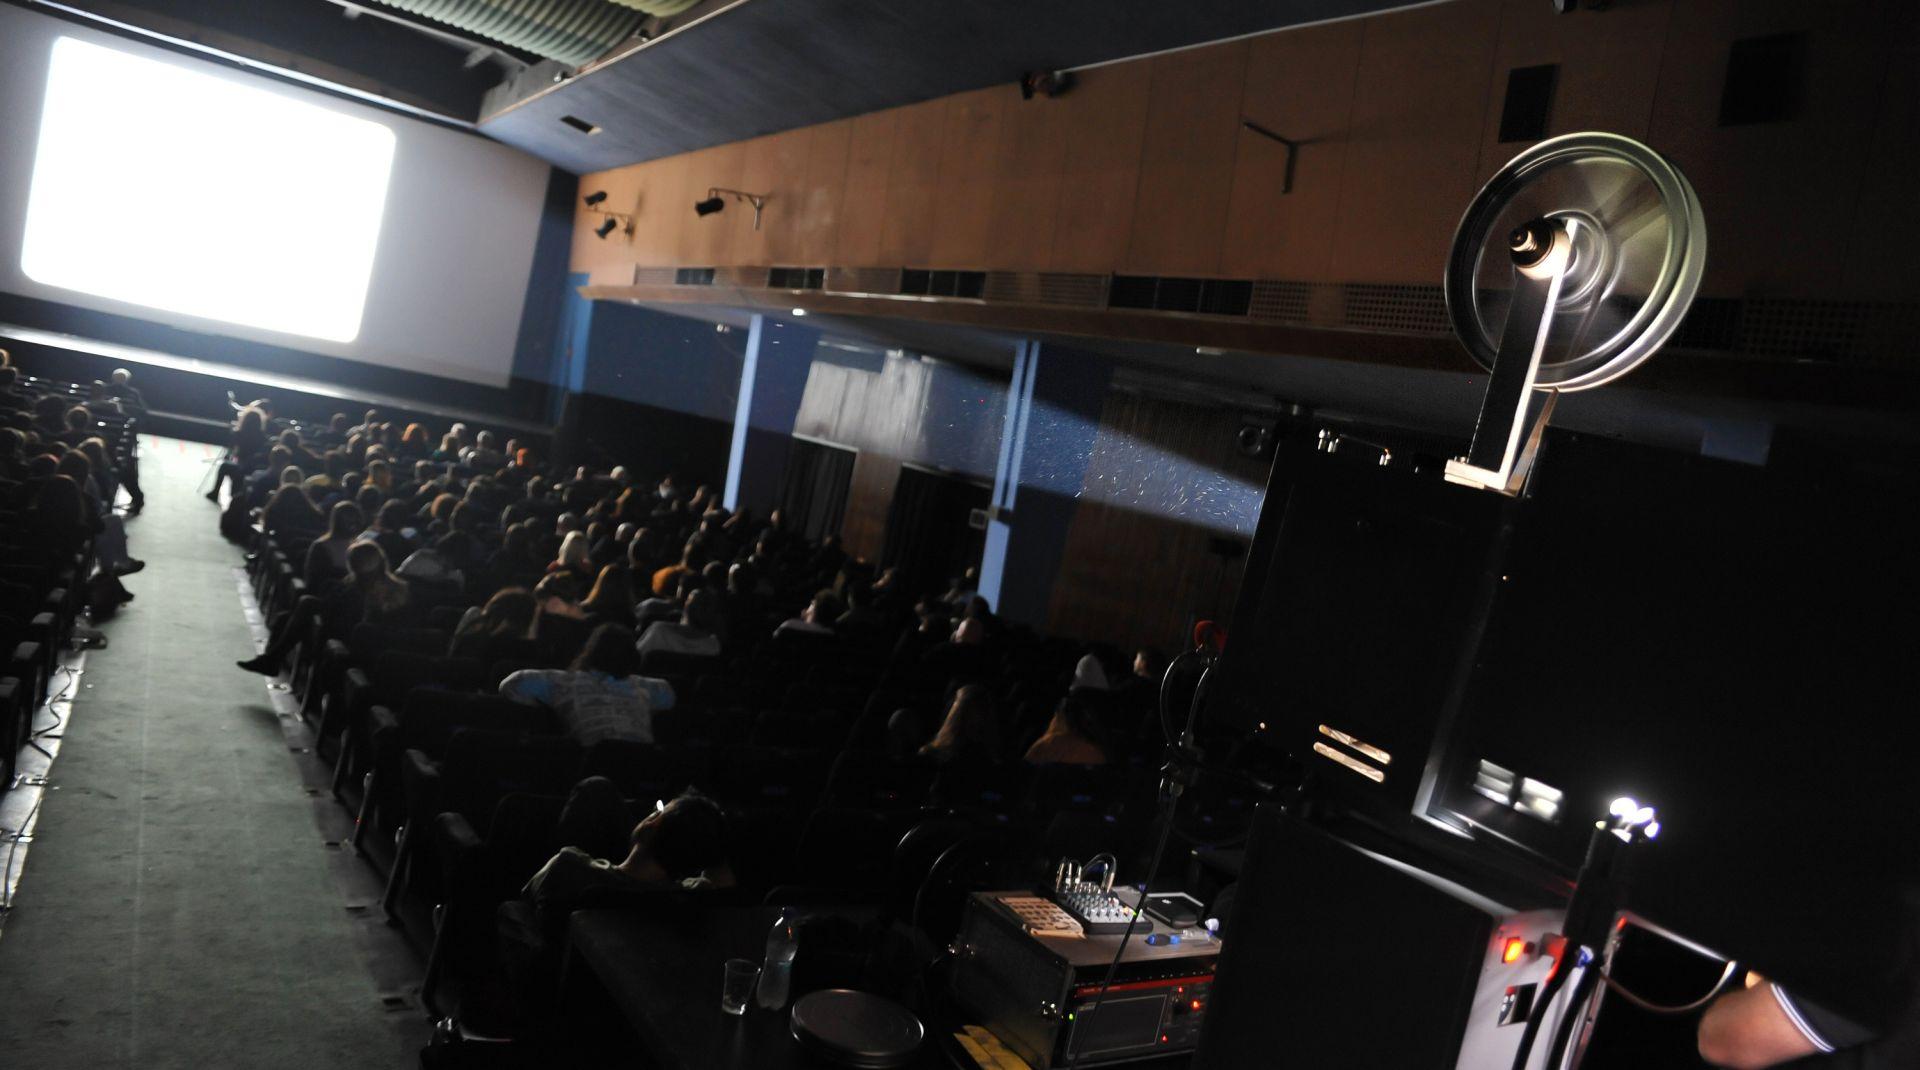 Ponajbolje sa svjetske scene na Festivalu eksperimentalnog filma 25FPS